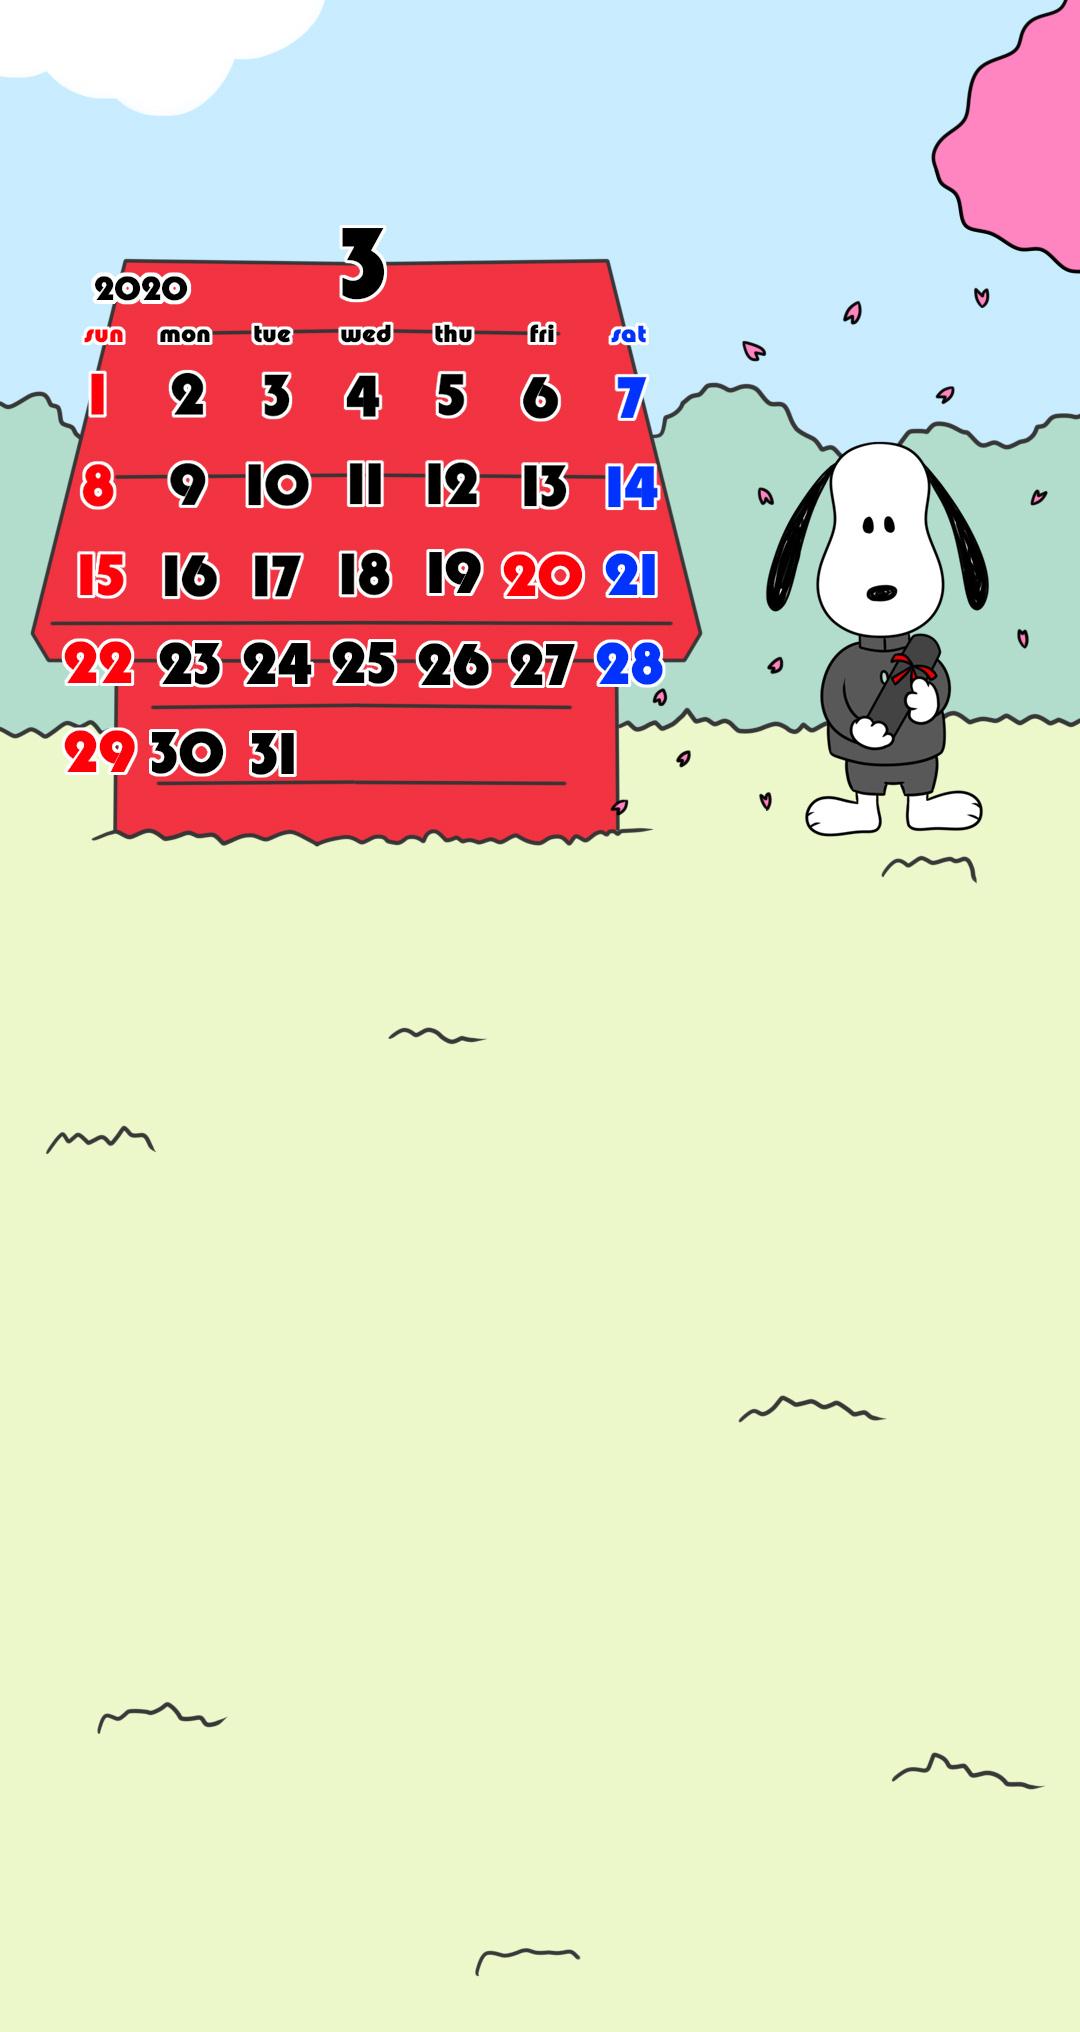 スヌーピー 待ち受けカレンダー 2020年3月 Android用 日曜始まり